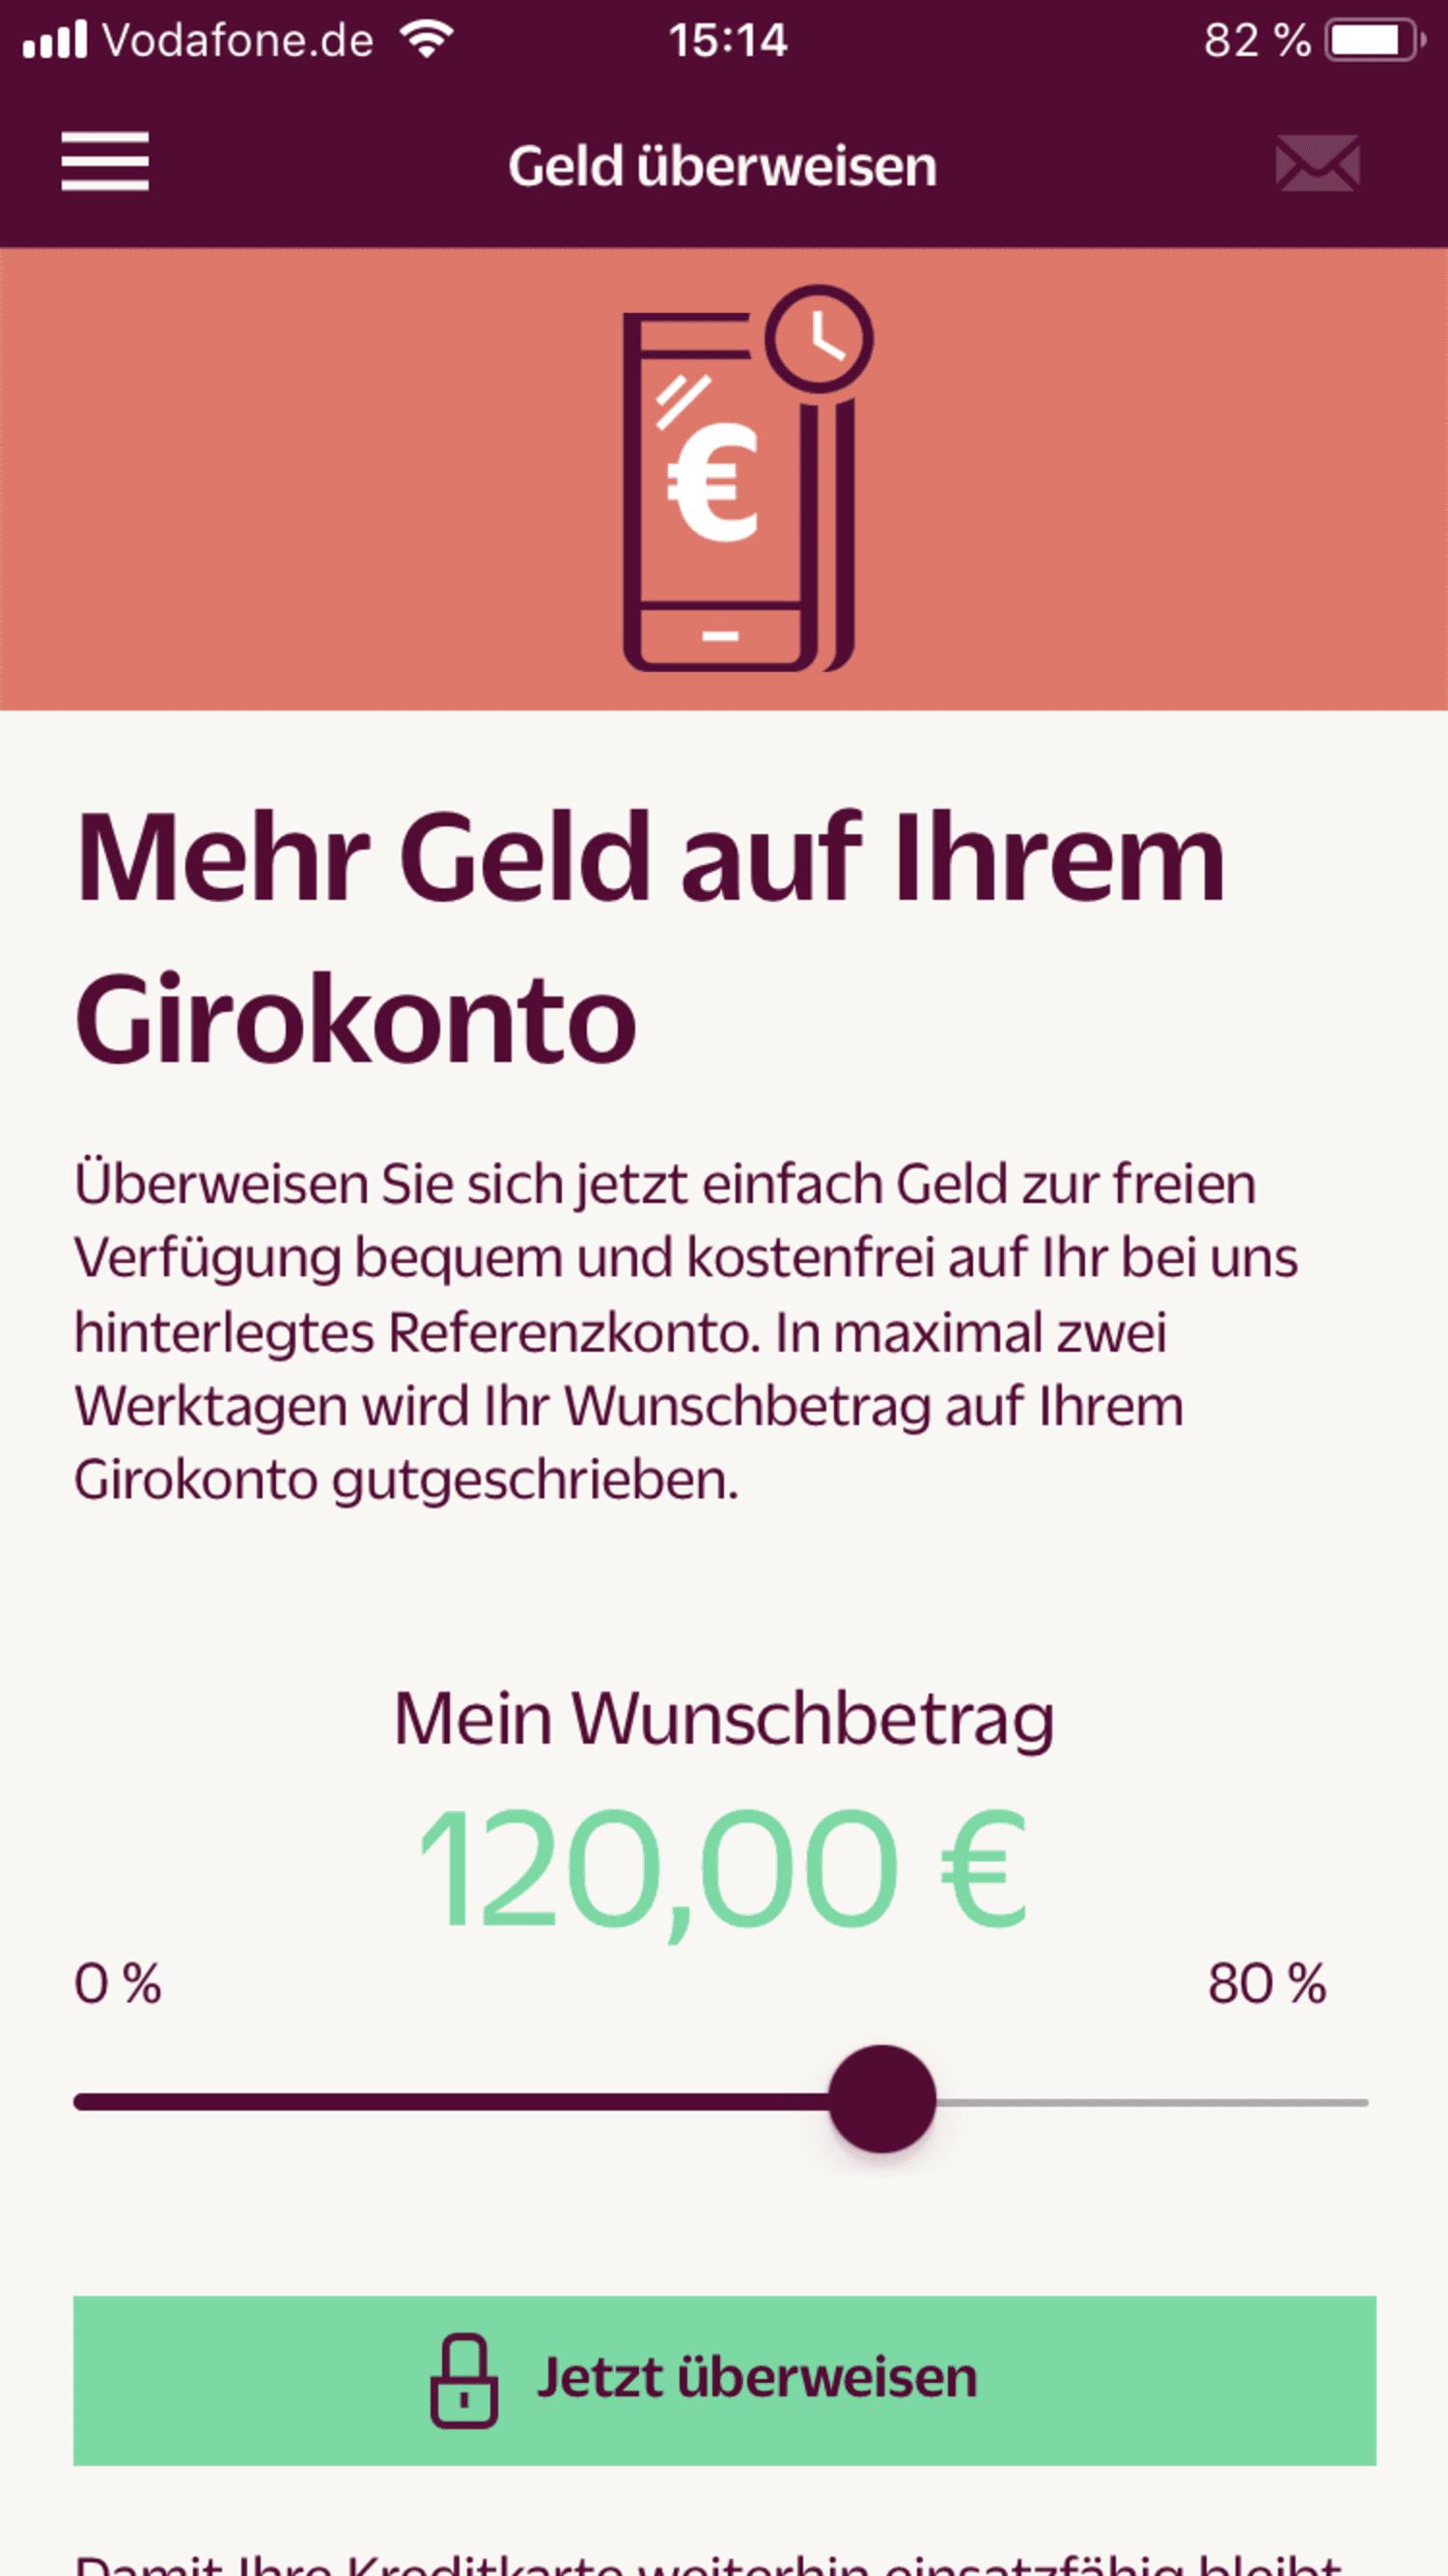 Smartphone-Screenshot vom Überweisen mit einer Hanseatic Bank-Kreditkarte auf das Referenzkonto